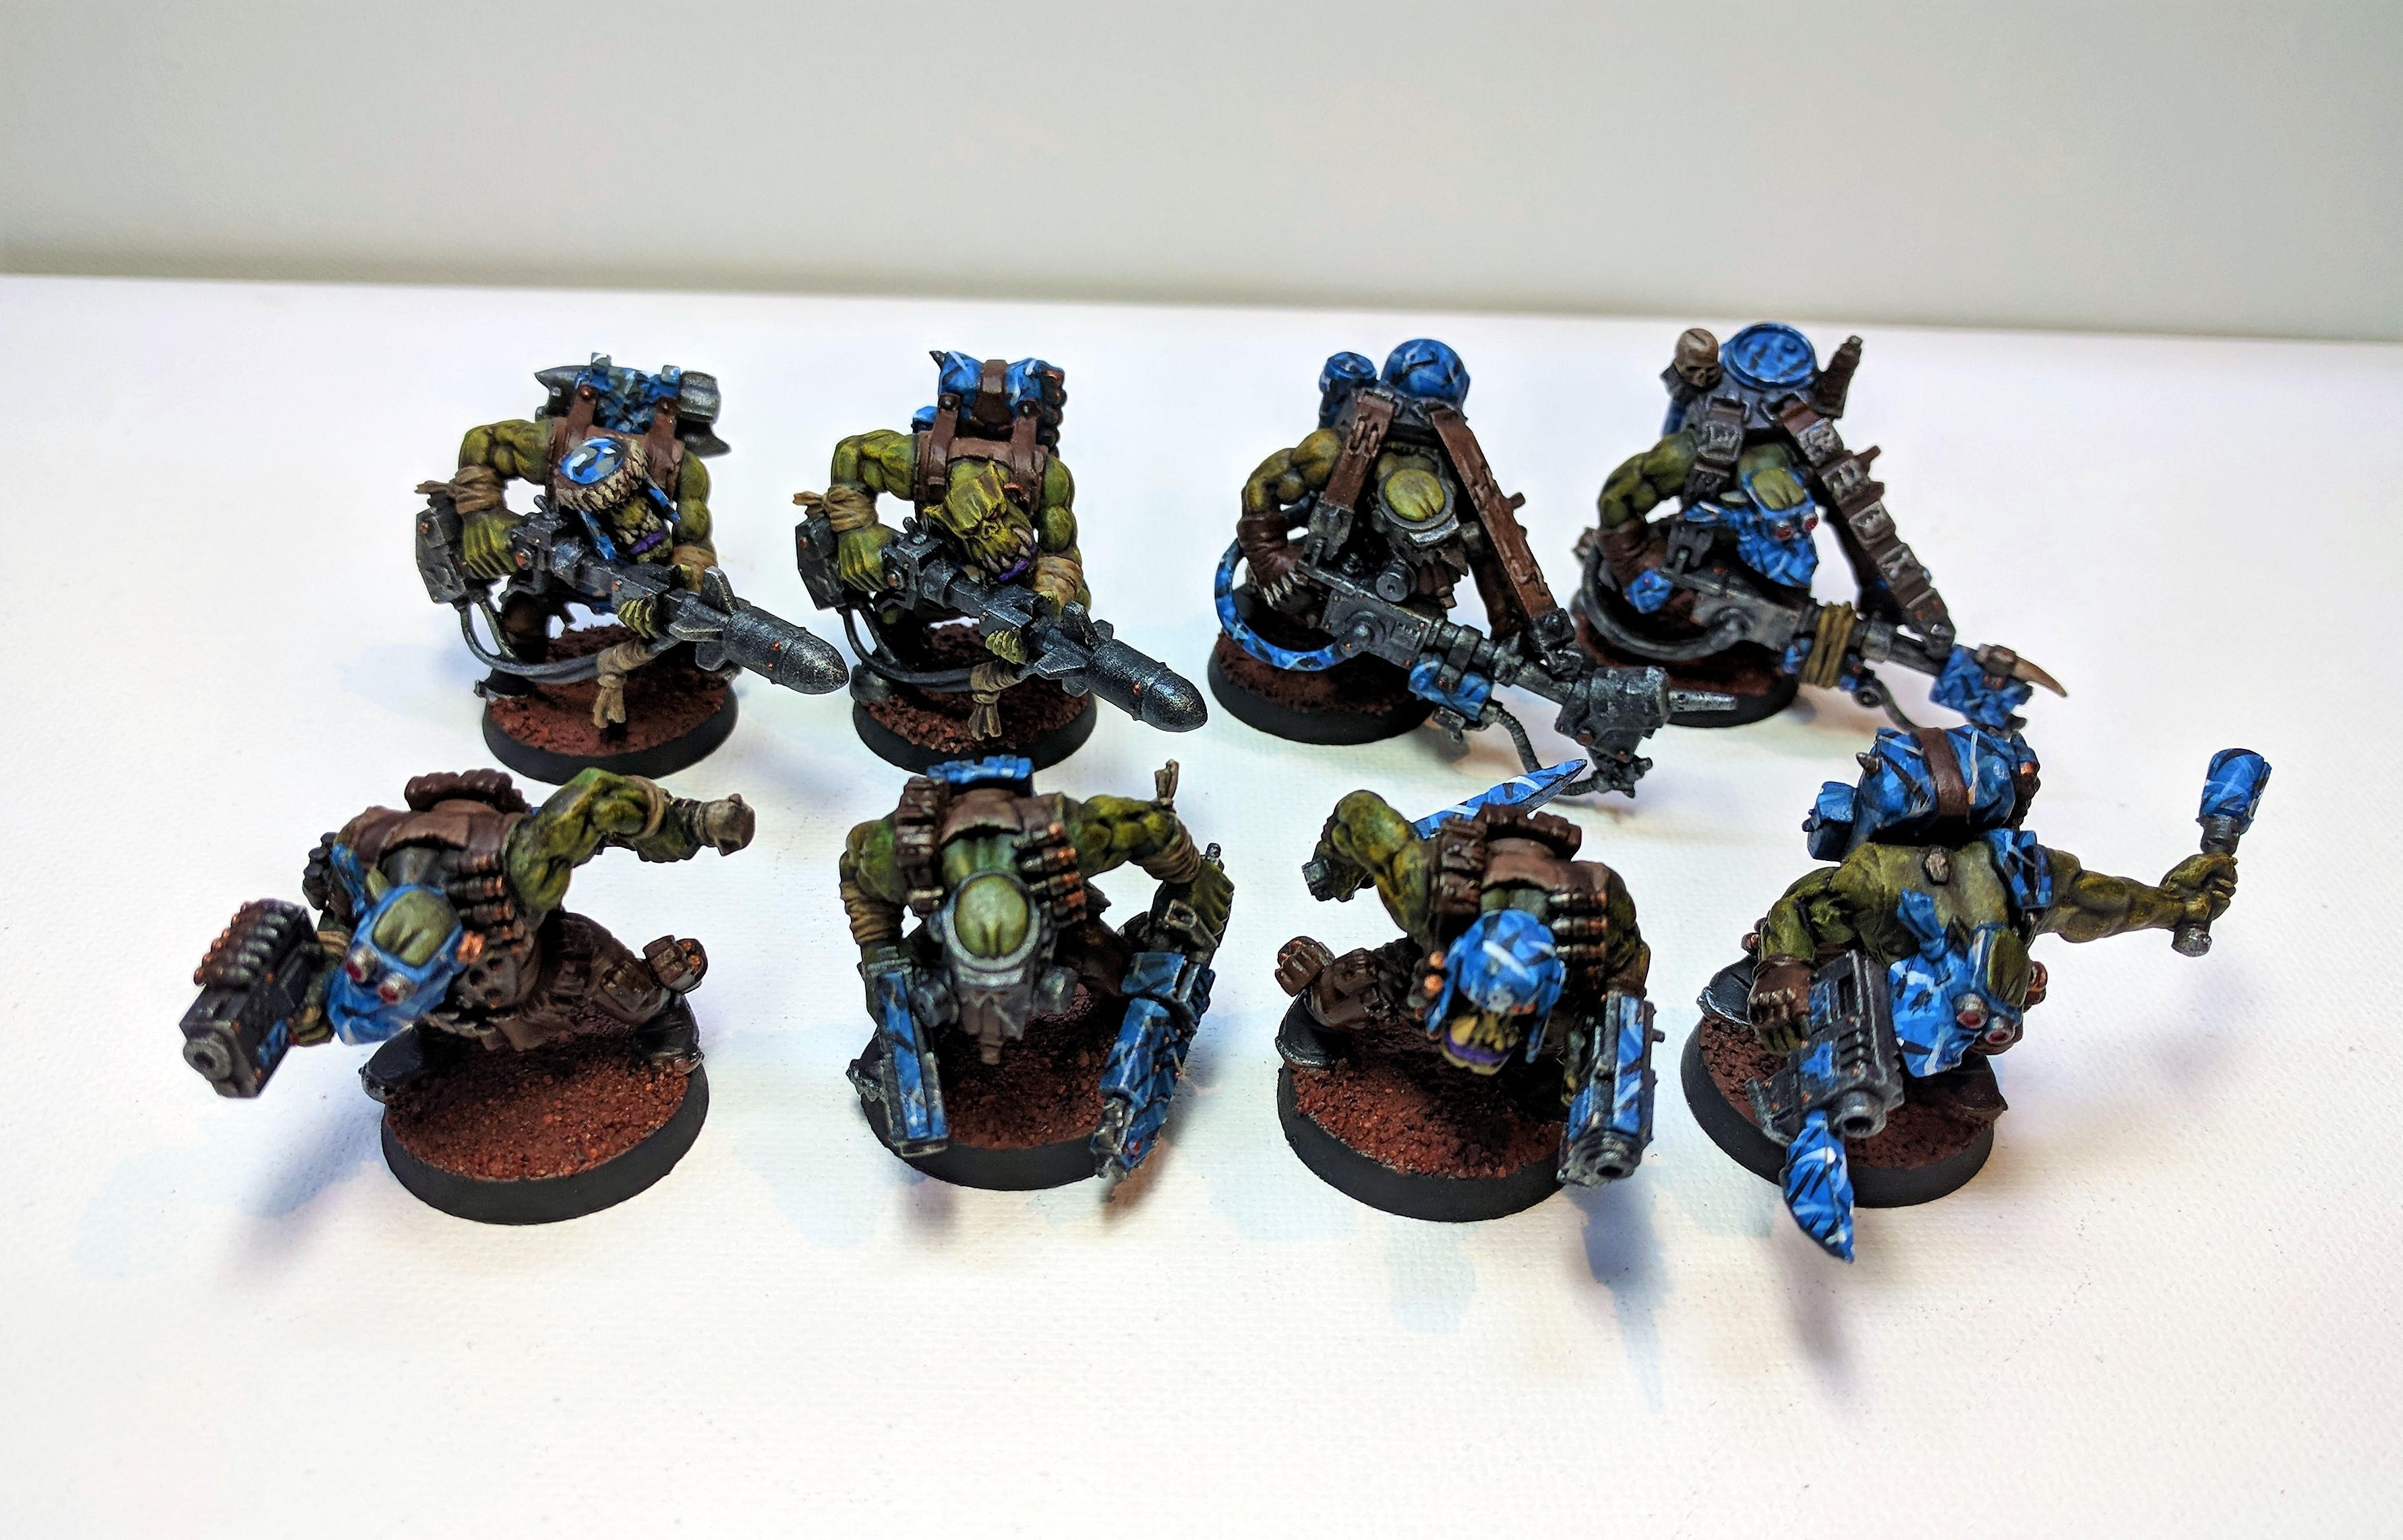 Camouflage, Kommando, Kommandoes, Orks